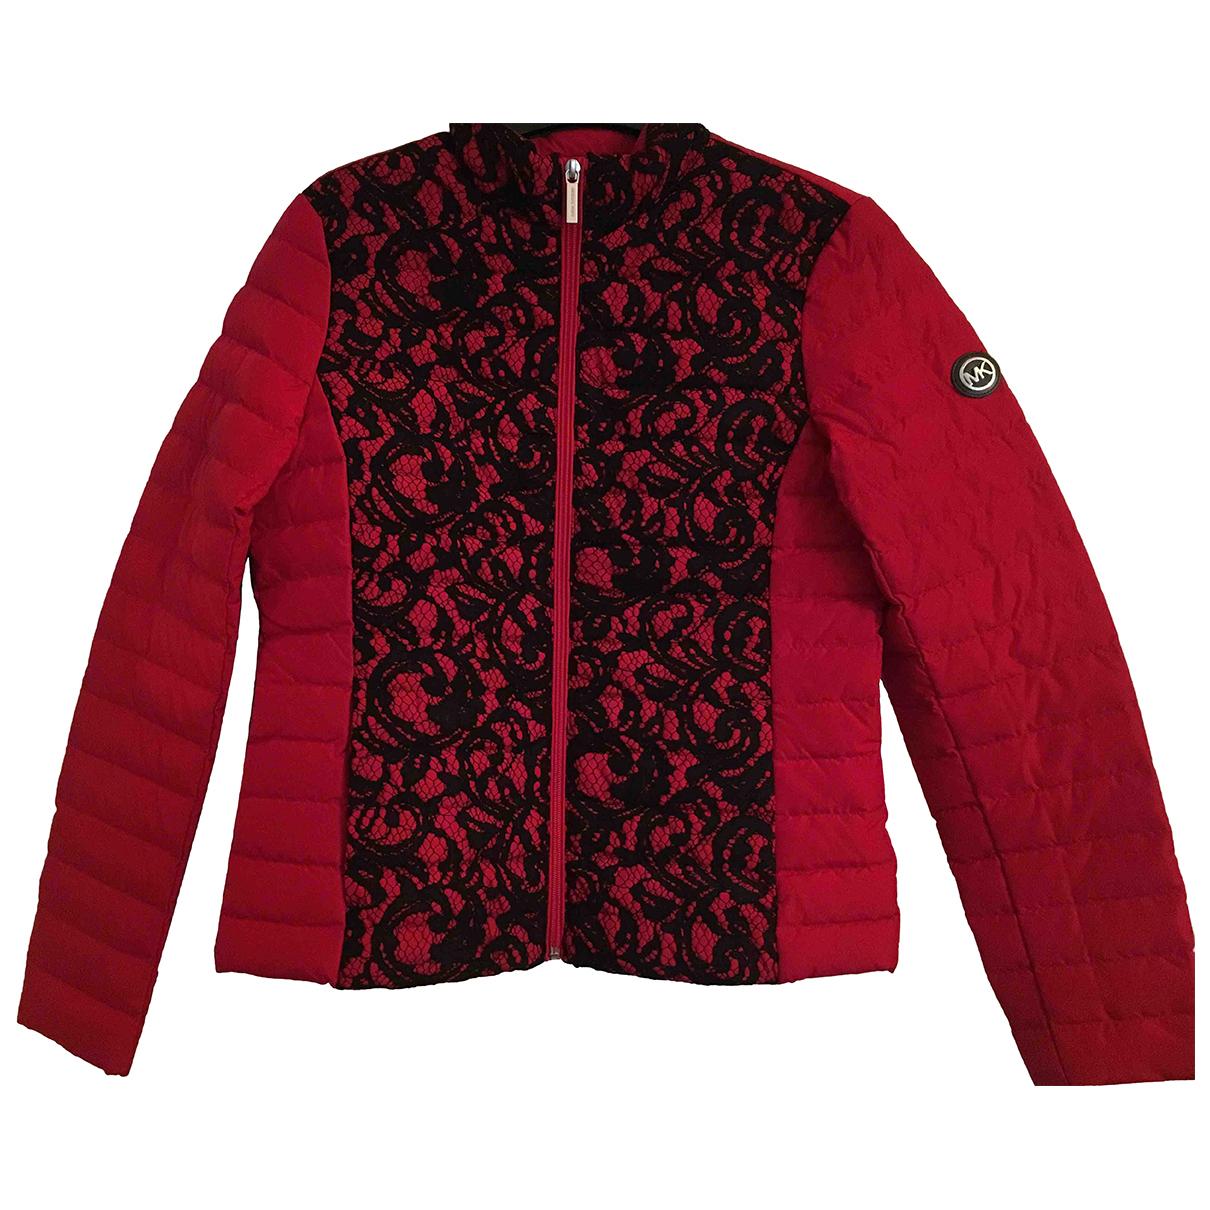 Michael Kors N Red jacket for Women S International